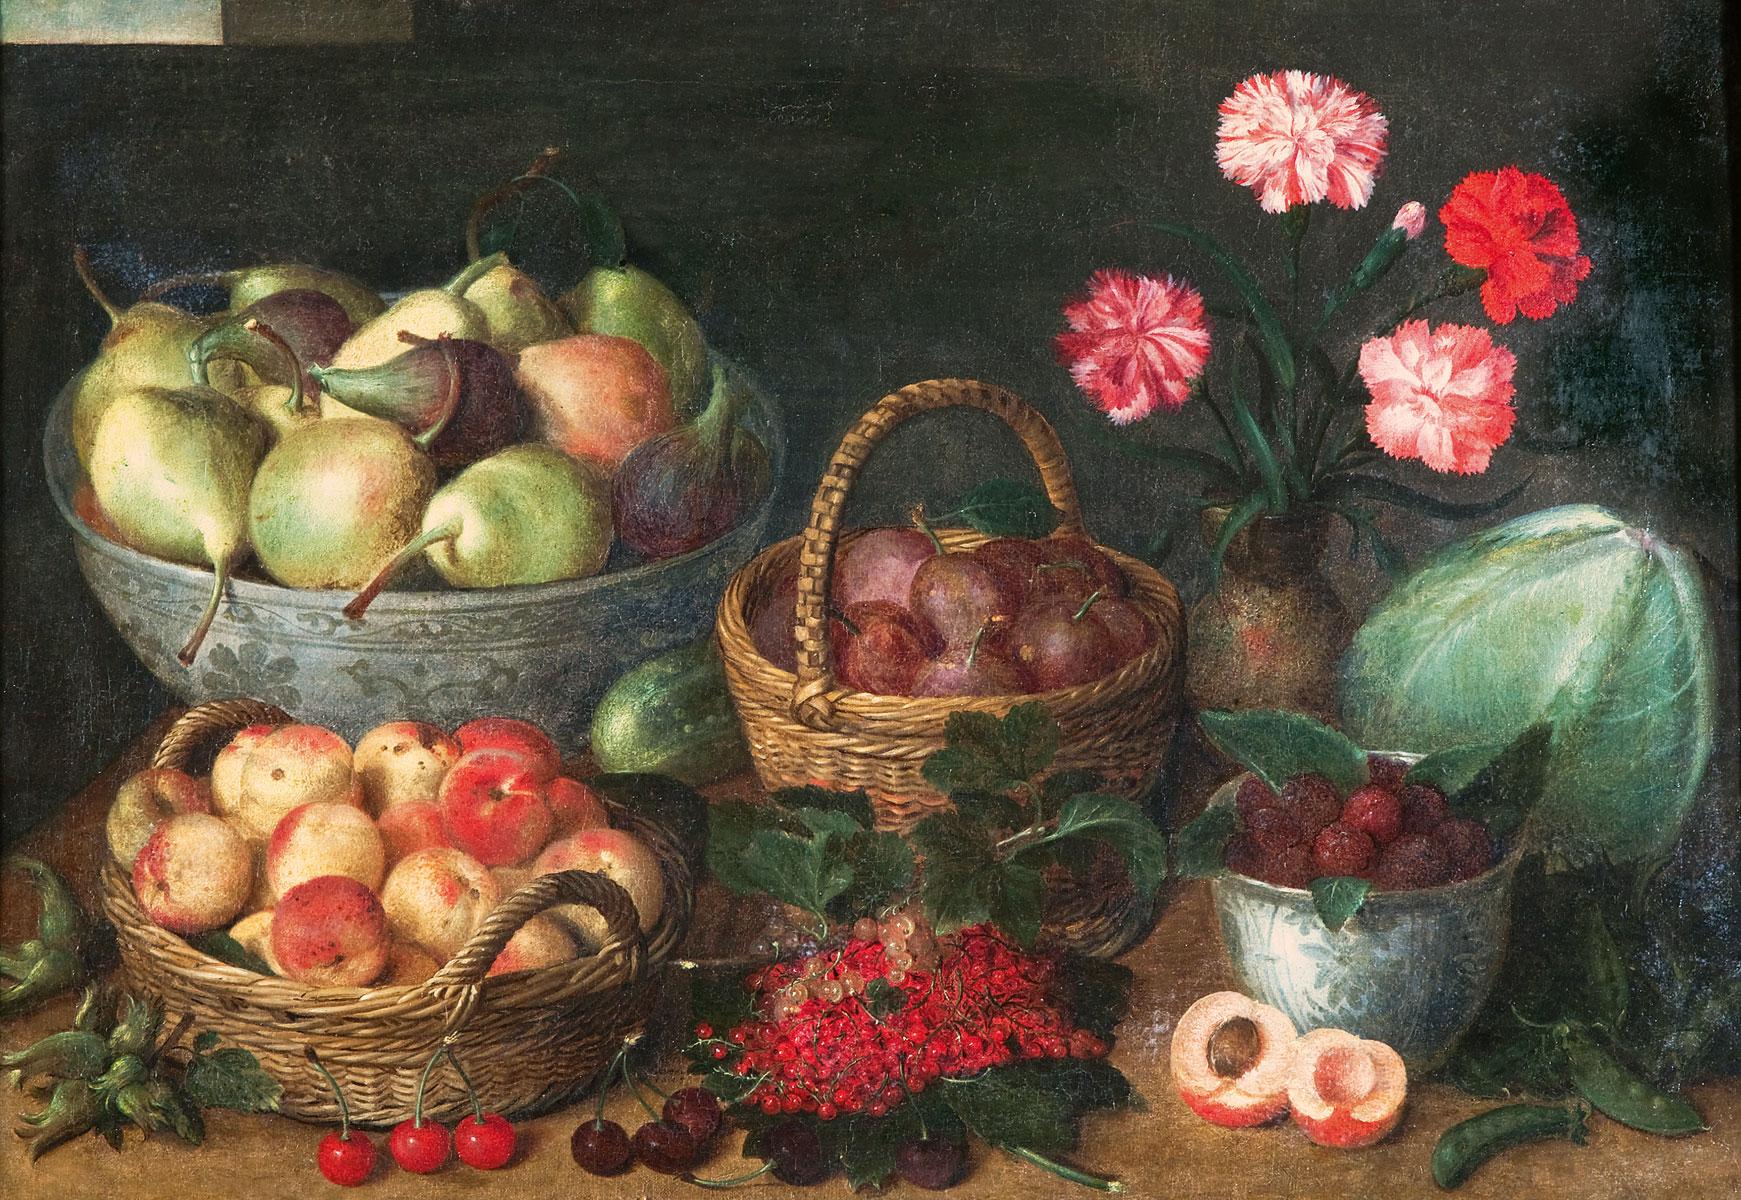 Isaak Soreau, Früchtekörbe, Früchteschale, Porzellankumme, Blumenvase mit Nelken und Gemüse, 1645